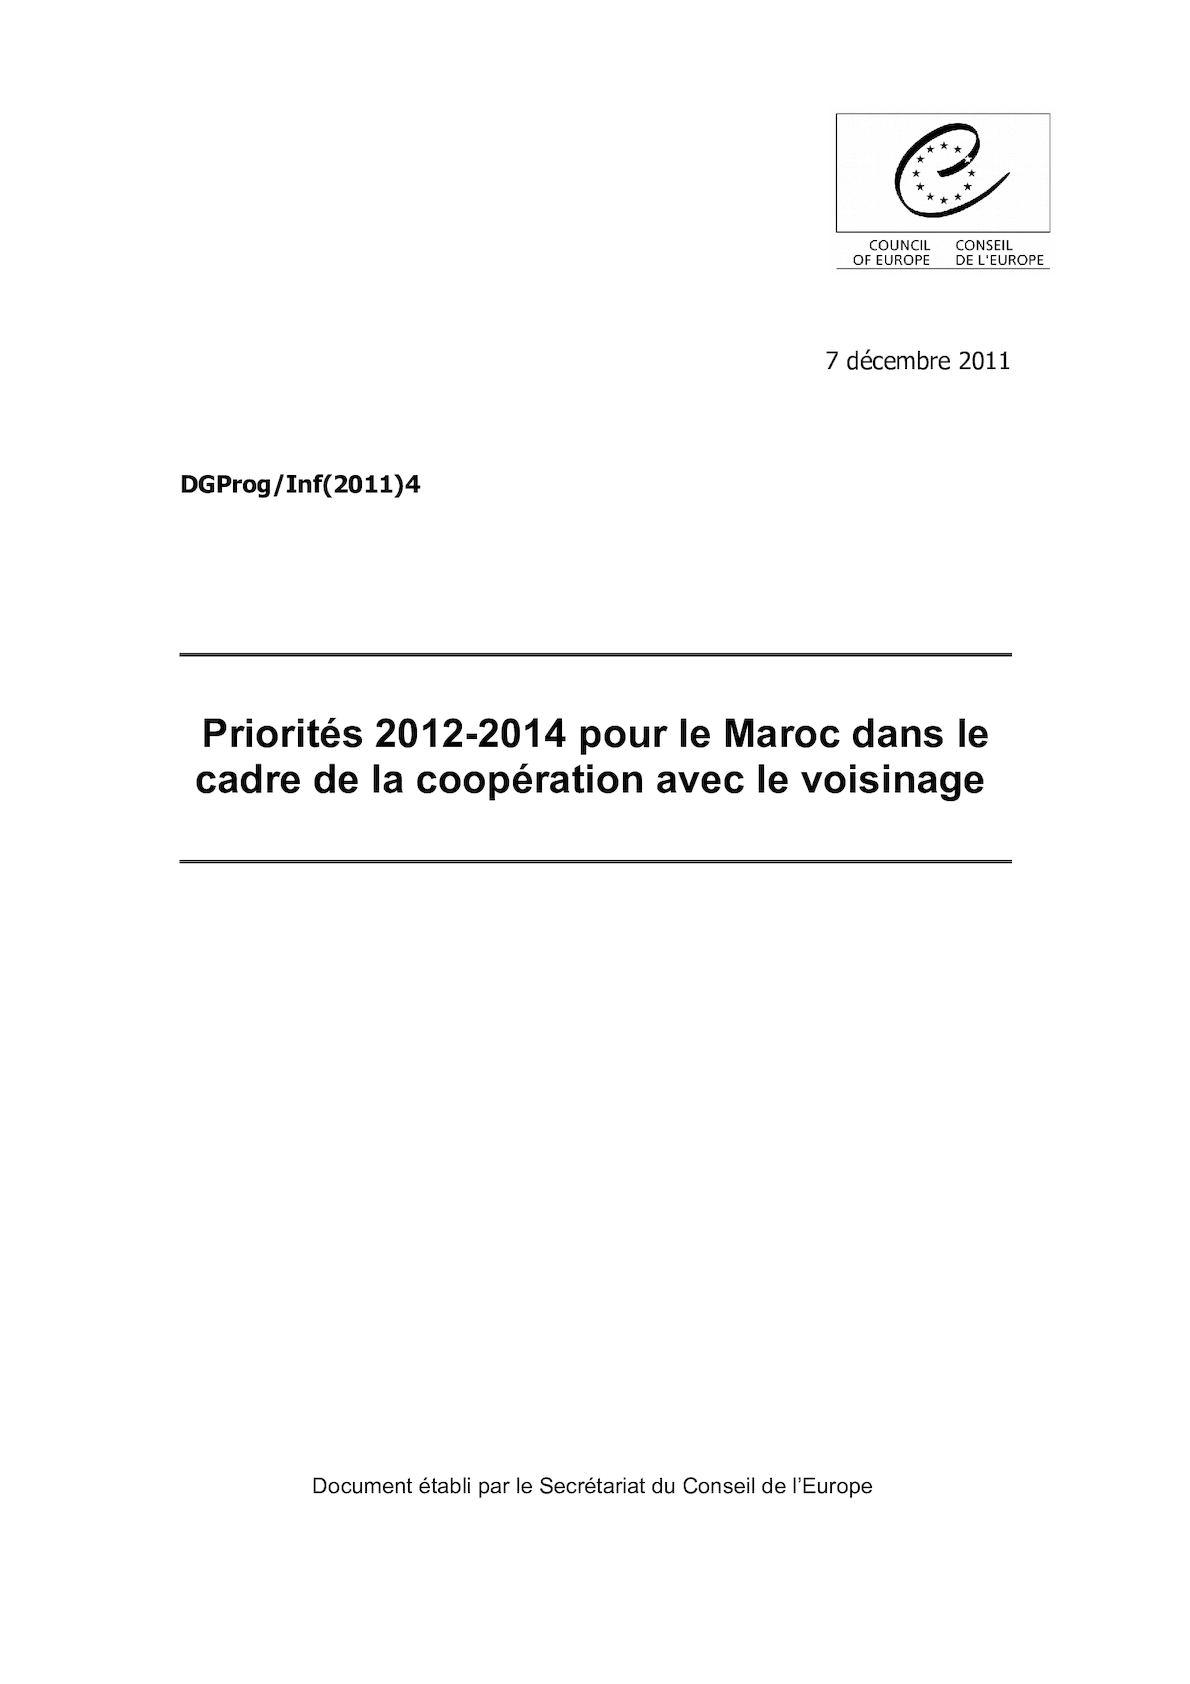 DGProg(2011)4 F Maroc NCP